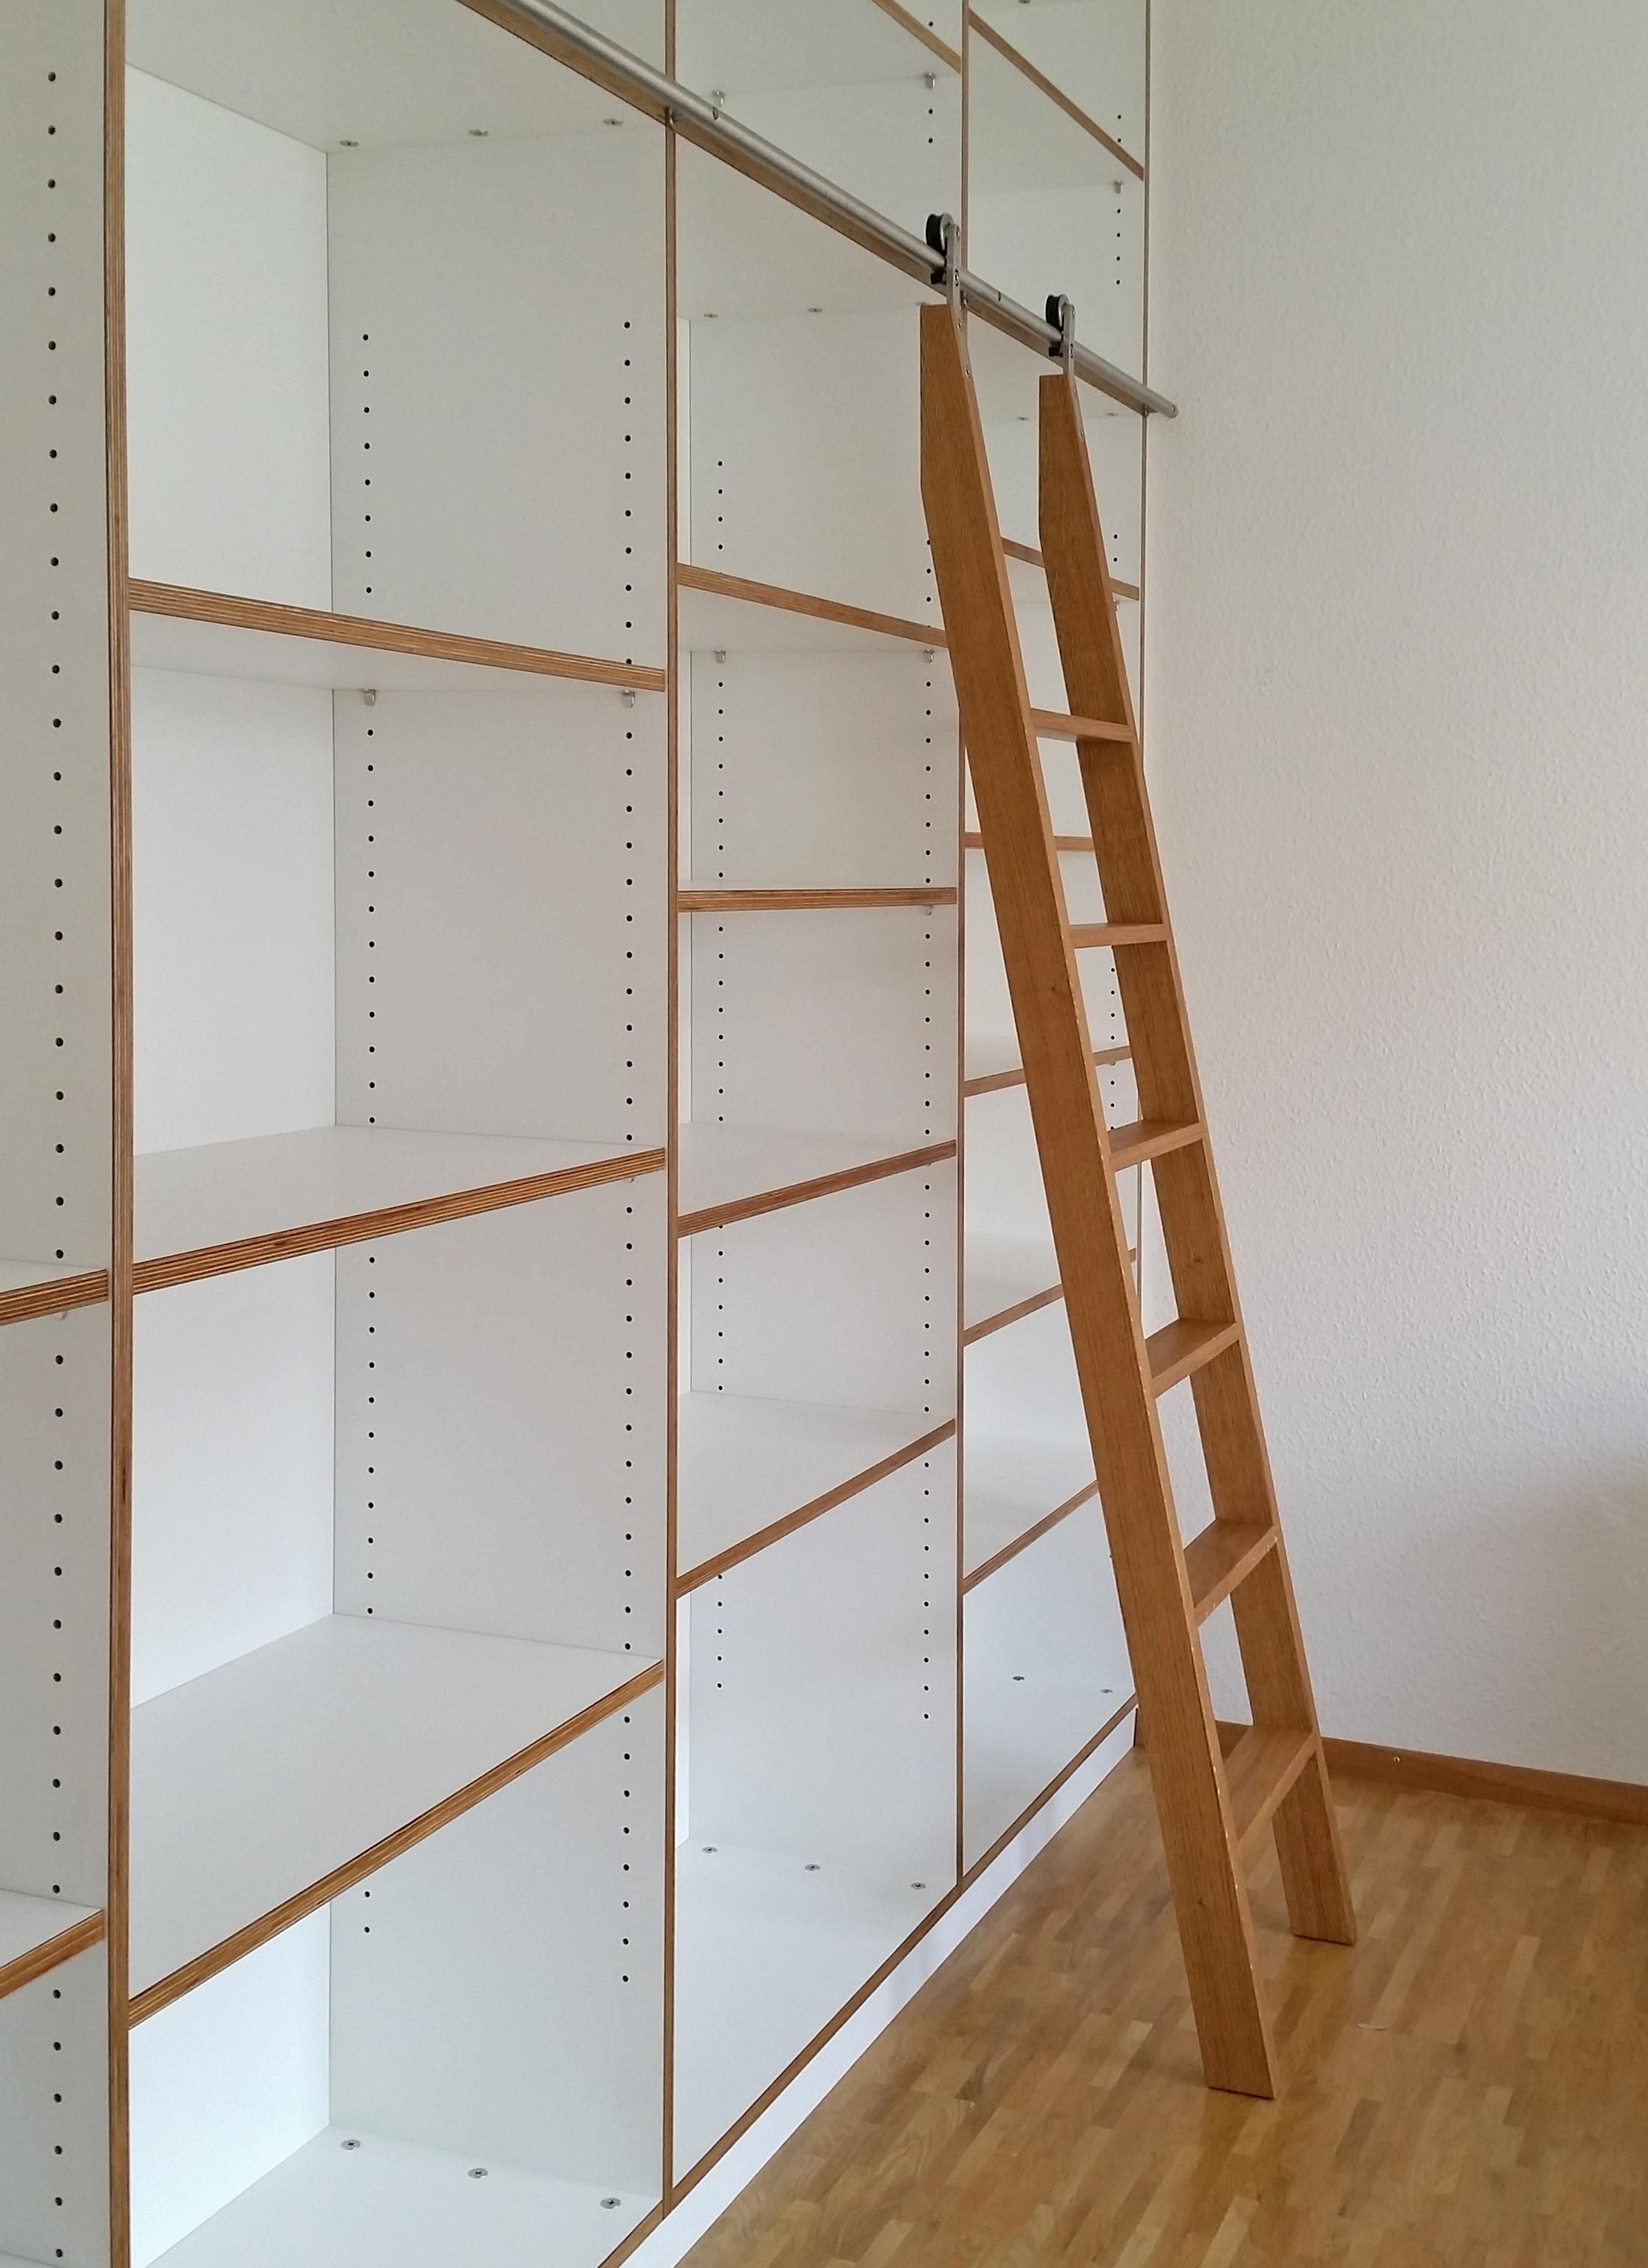 Bücherwand mit Schiebeleiter Eiche Multiplex weiß 01